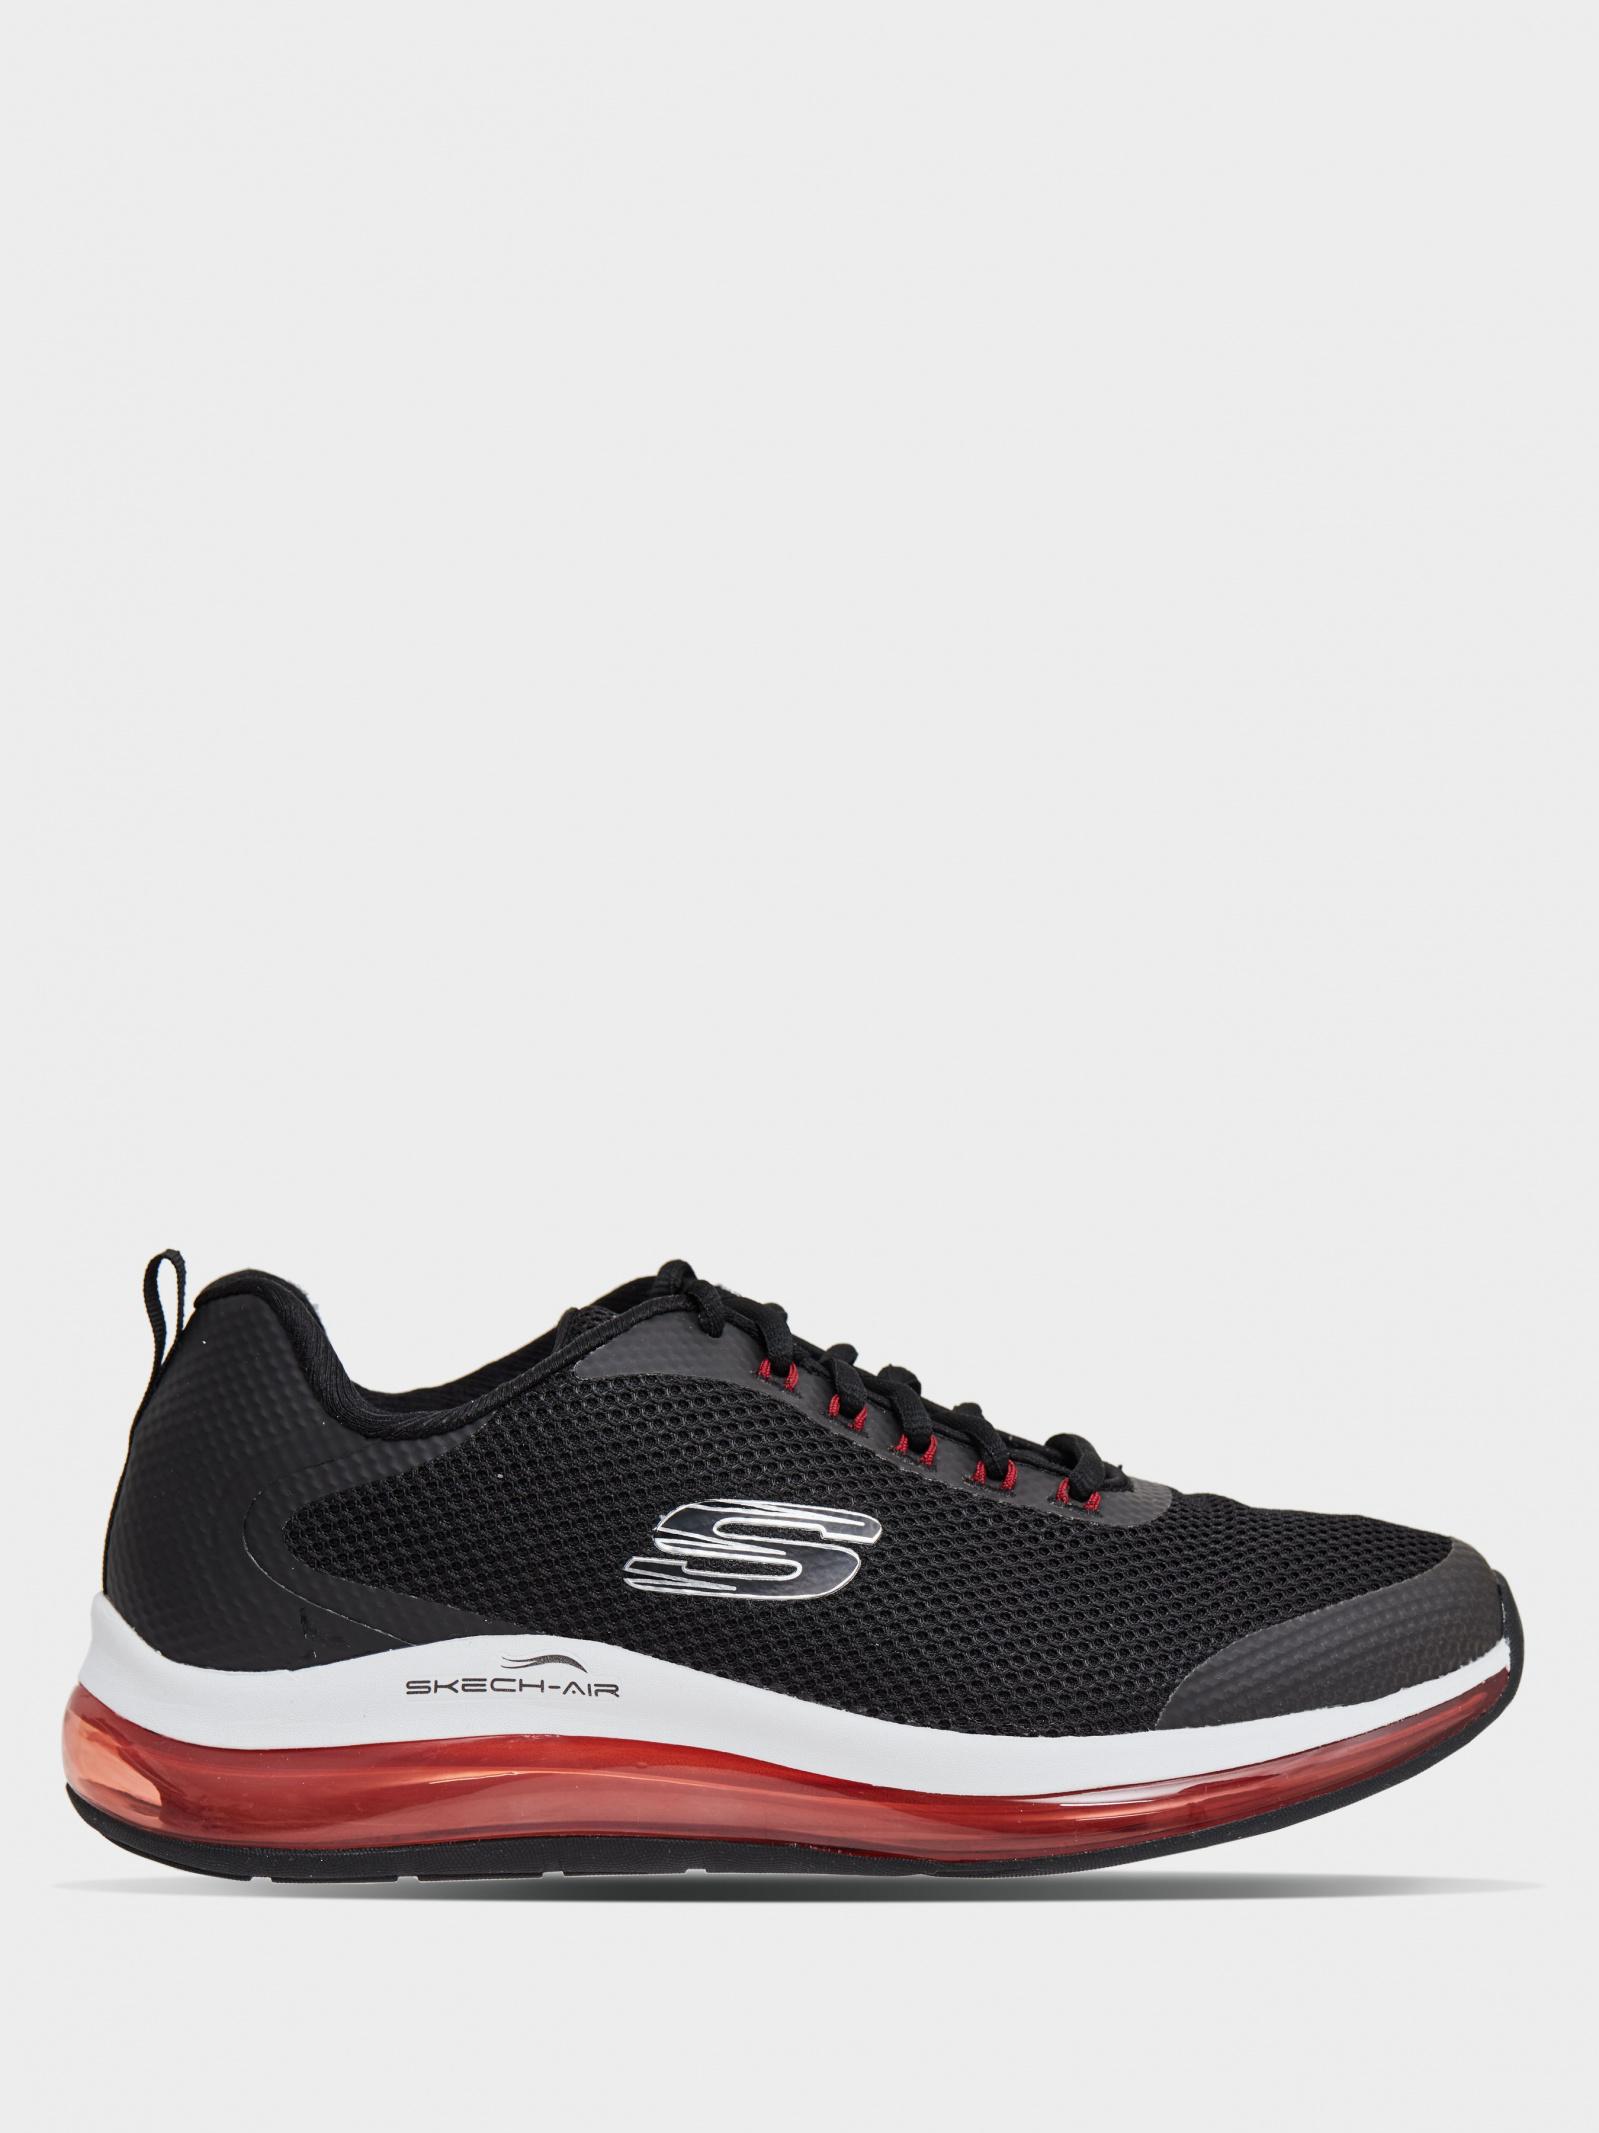 Кросівки чоловічі Skechers 232036 BKRD - фото